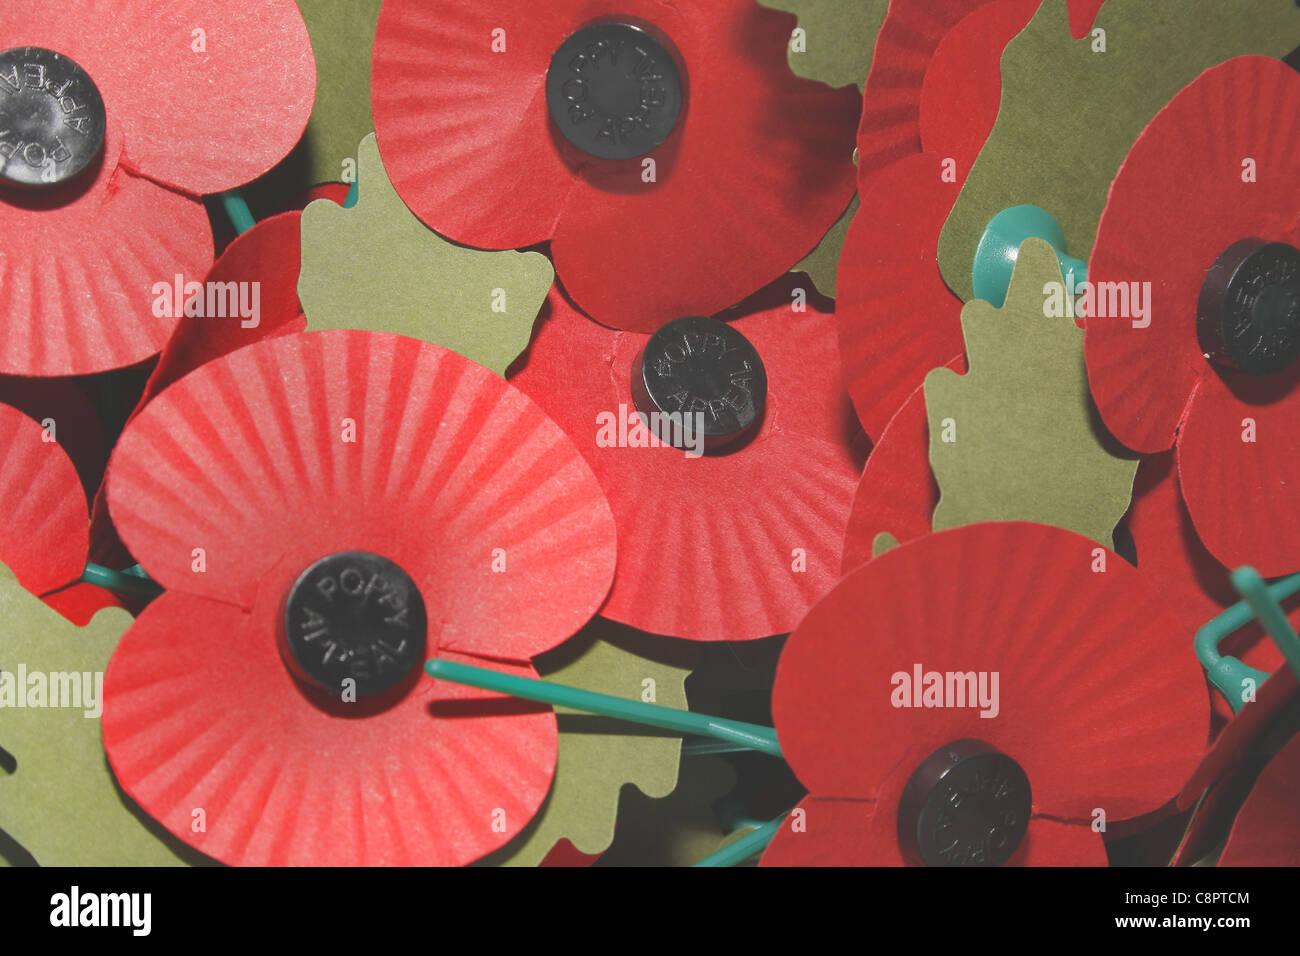 Bild von roten Mohnblumen zum Gedenken an erster Weltkrieg Stockbild